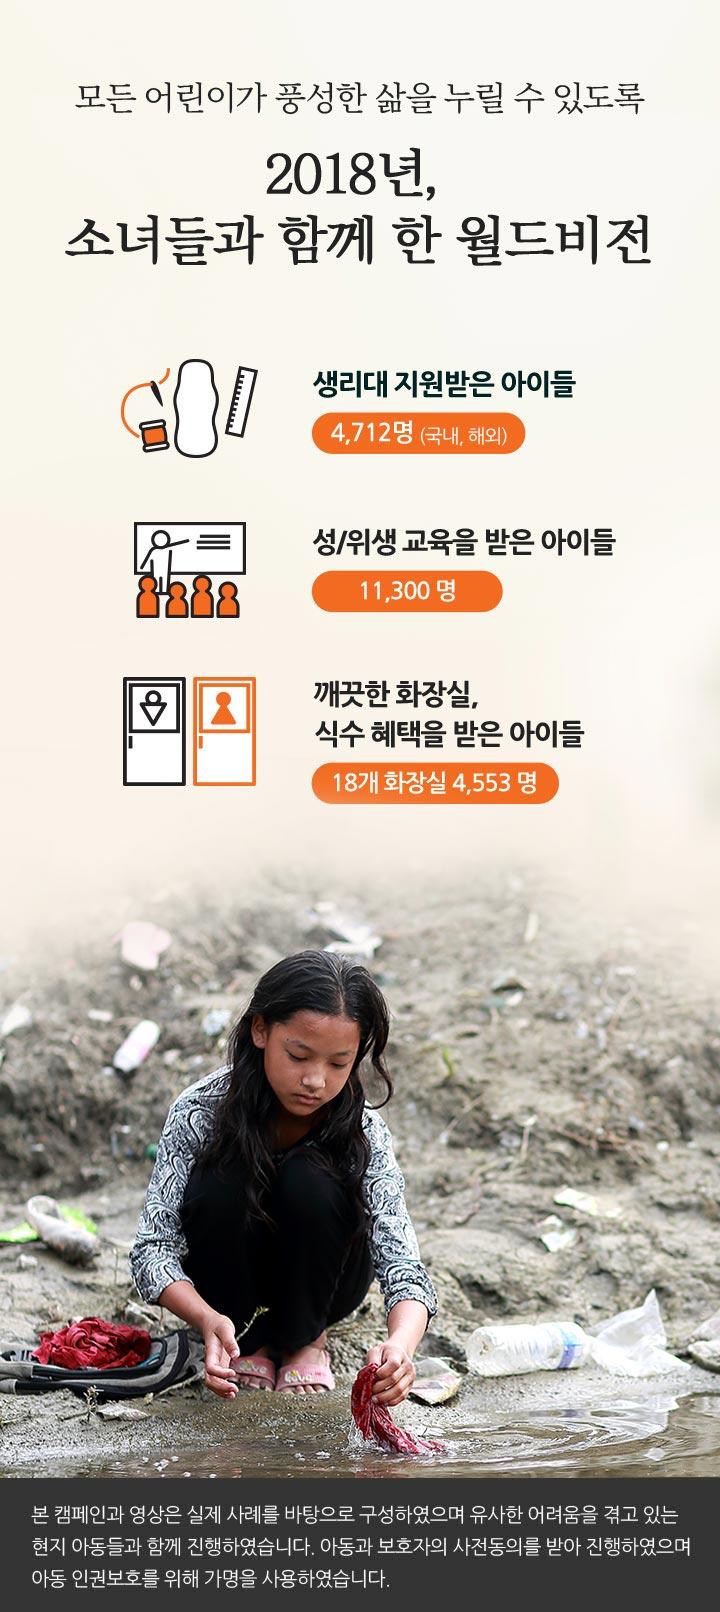 모든 어린이가 풍성한 삶을 누릴 수 있도록 2018년, 소녀들과 함께 한 월드비전. 생리대 지원받은 아이들 4,712명, 성/위생교육을 받은 아이들 11,300명, 깨끗한 화장실, 식수 혜택을 받은 아이들 18개 화장실 4,553명. 본 캠페인과 영상은 실제 사례를 바탕으로 구성하였으며 유사한 어려움을 겪고 있는 현지 아동들과 함께 진행하였습니다. 아동과 보호자의 사전동의를 받아 진행하였으며 아동 인권보호를 위해 가명을 사용하였습니다.